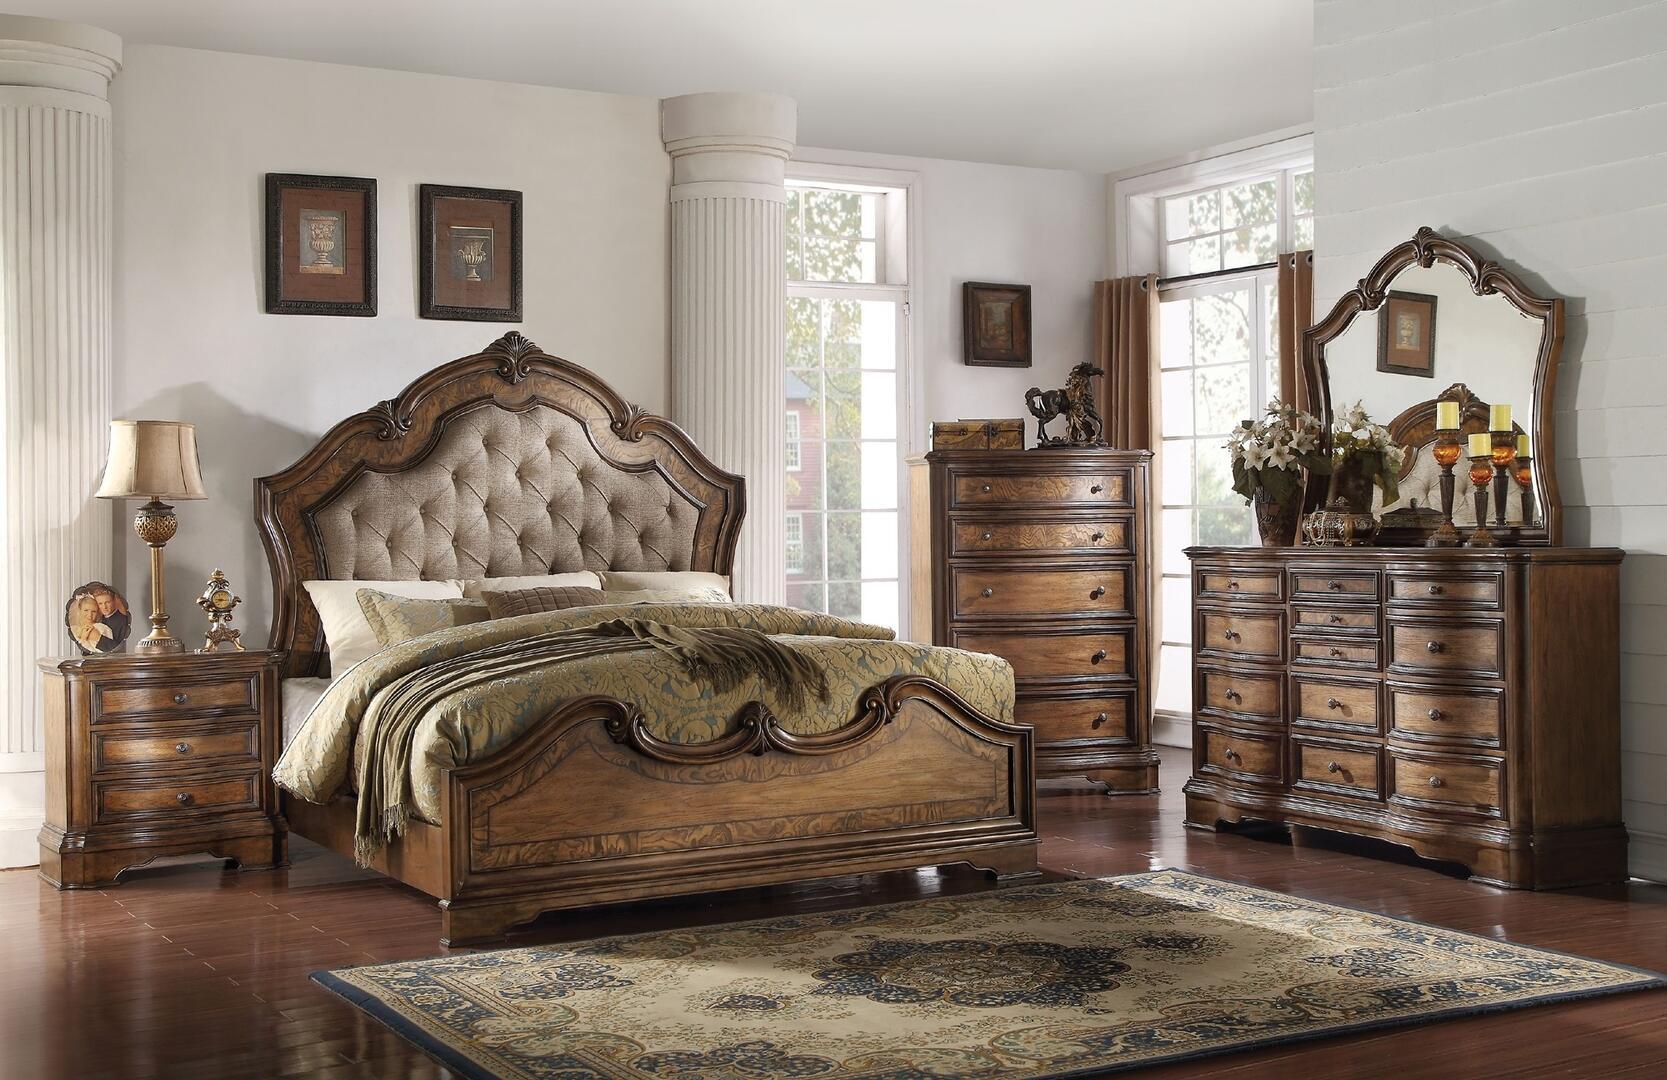 Acme Furniture 26167EKSET Valletta King Bedroom Sets | Appliances ...